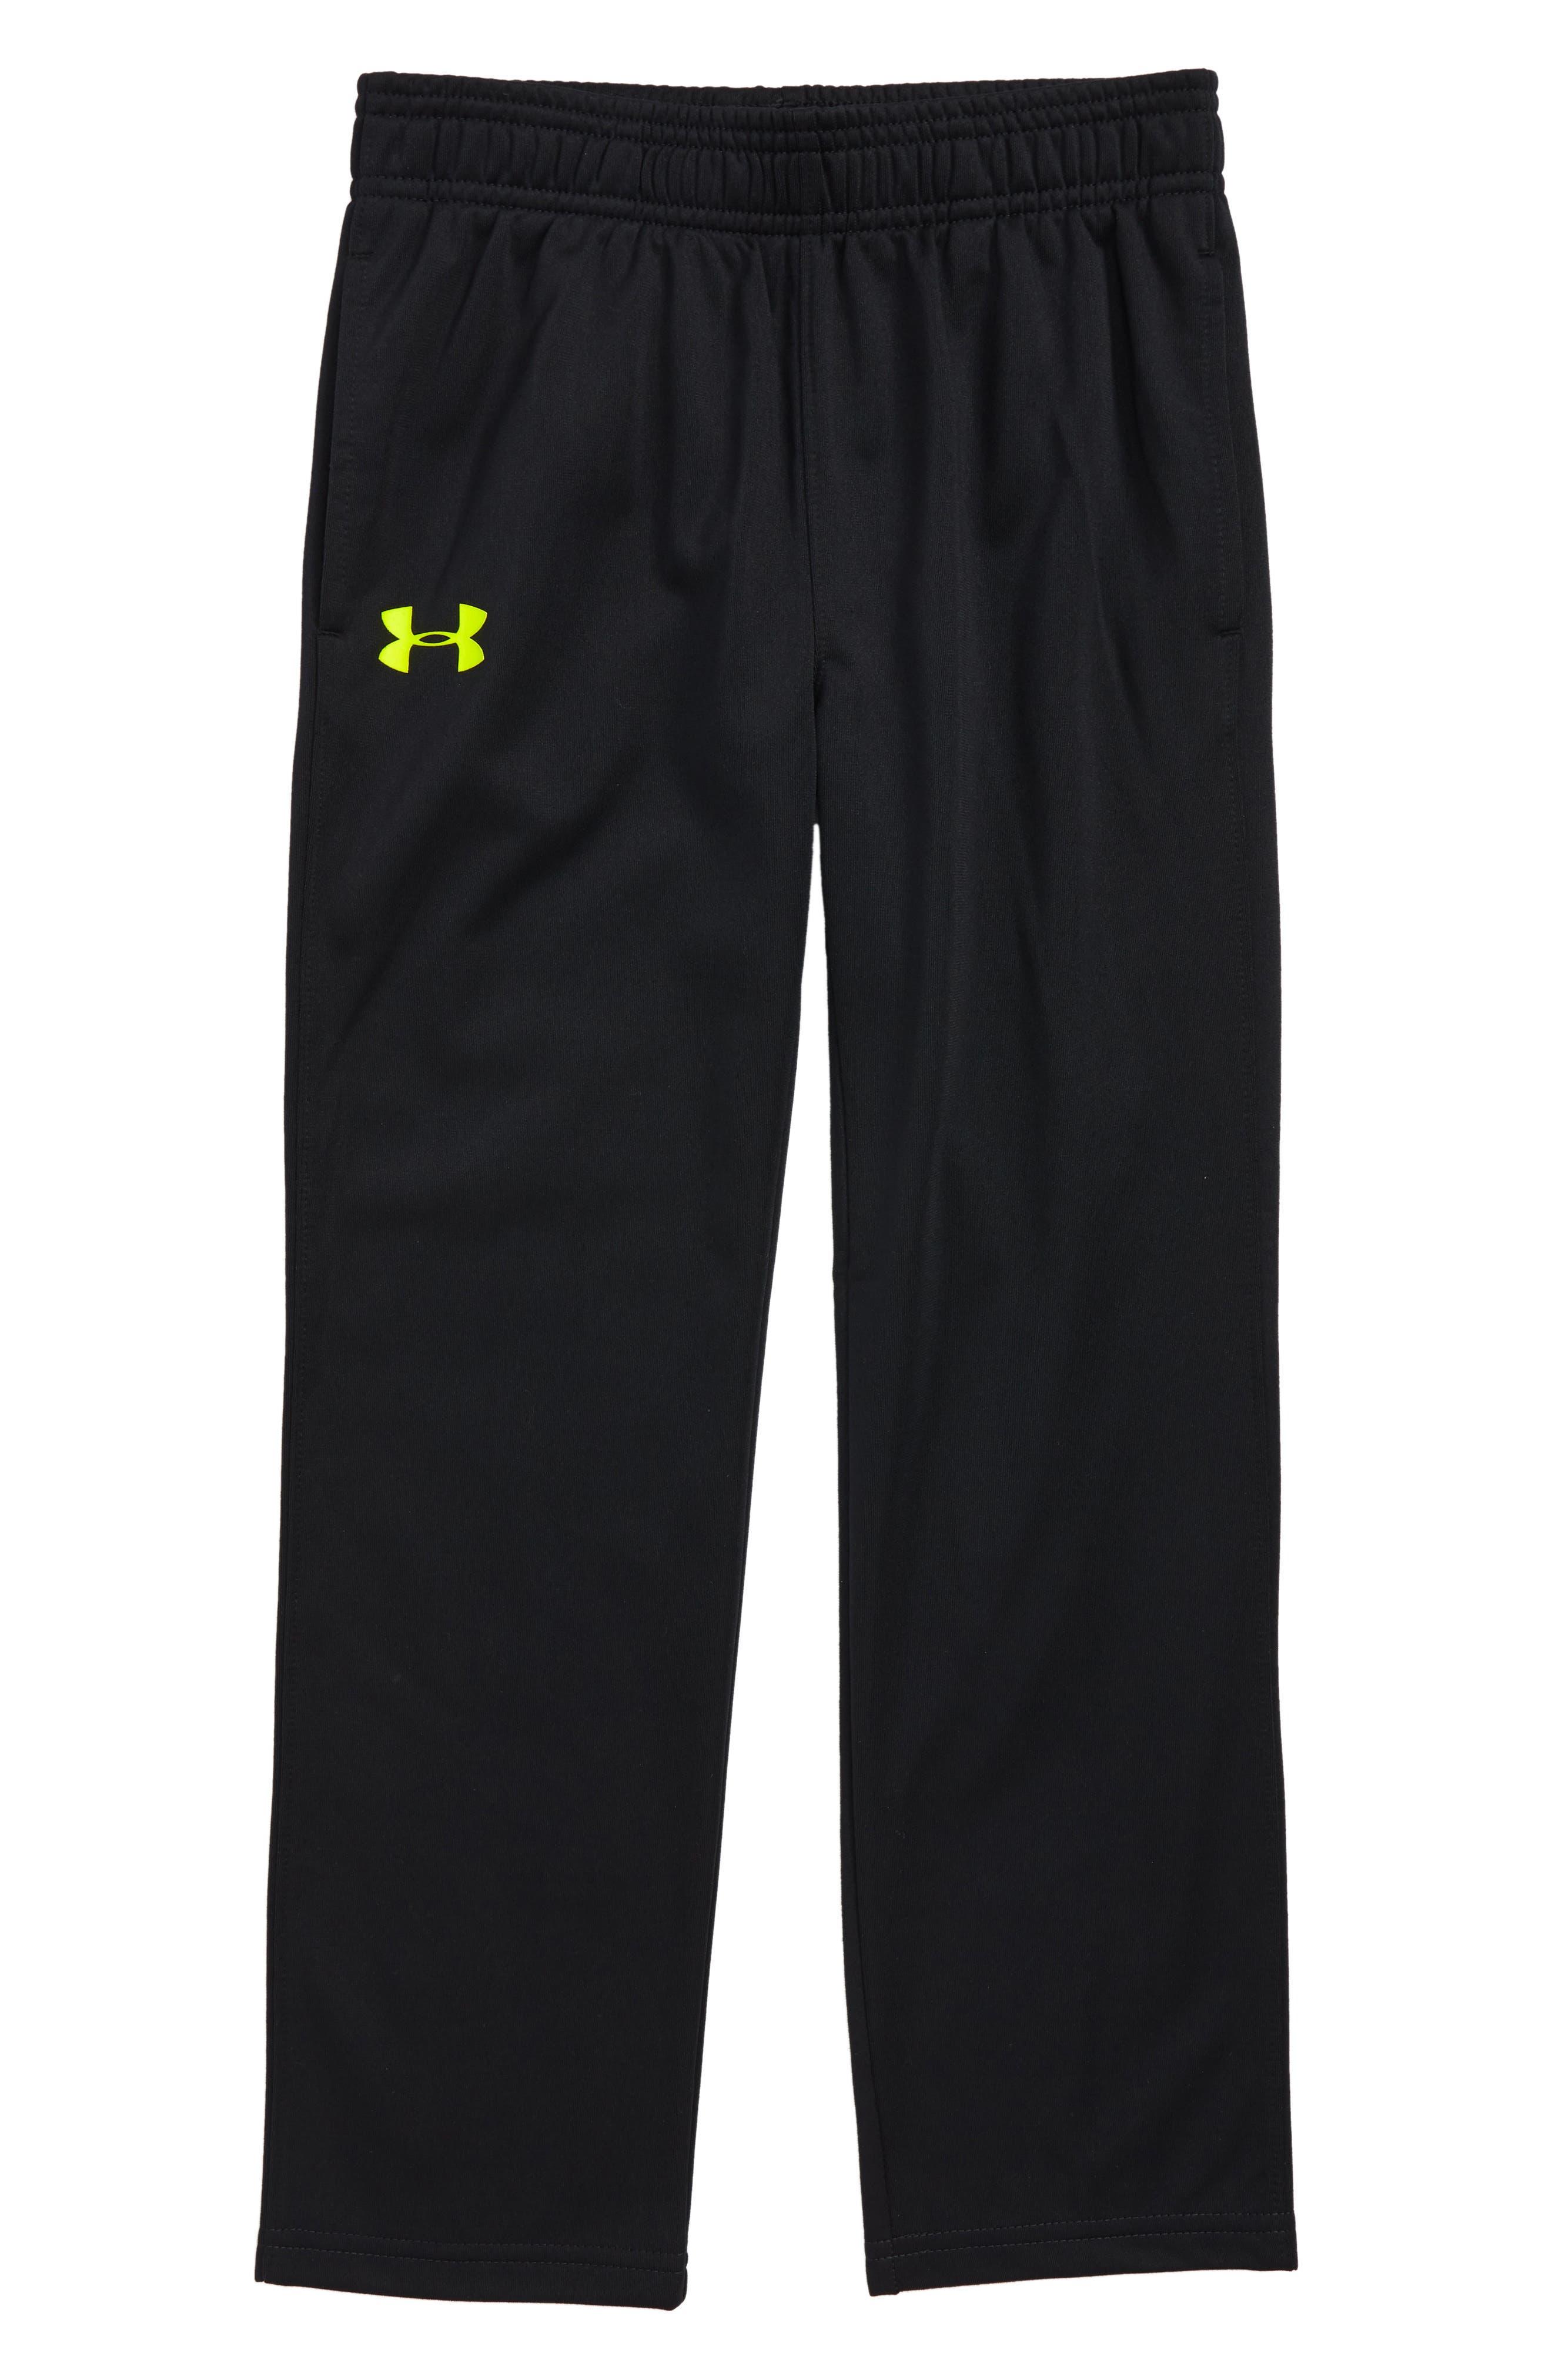 Brawler 2.0 Sweatpants,                         Main,                         color, 001